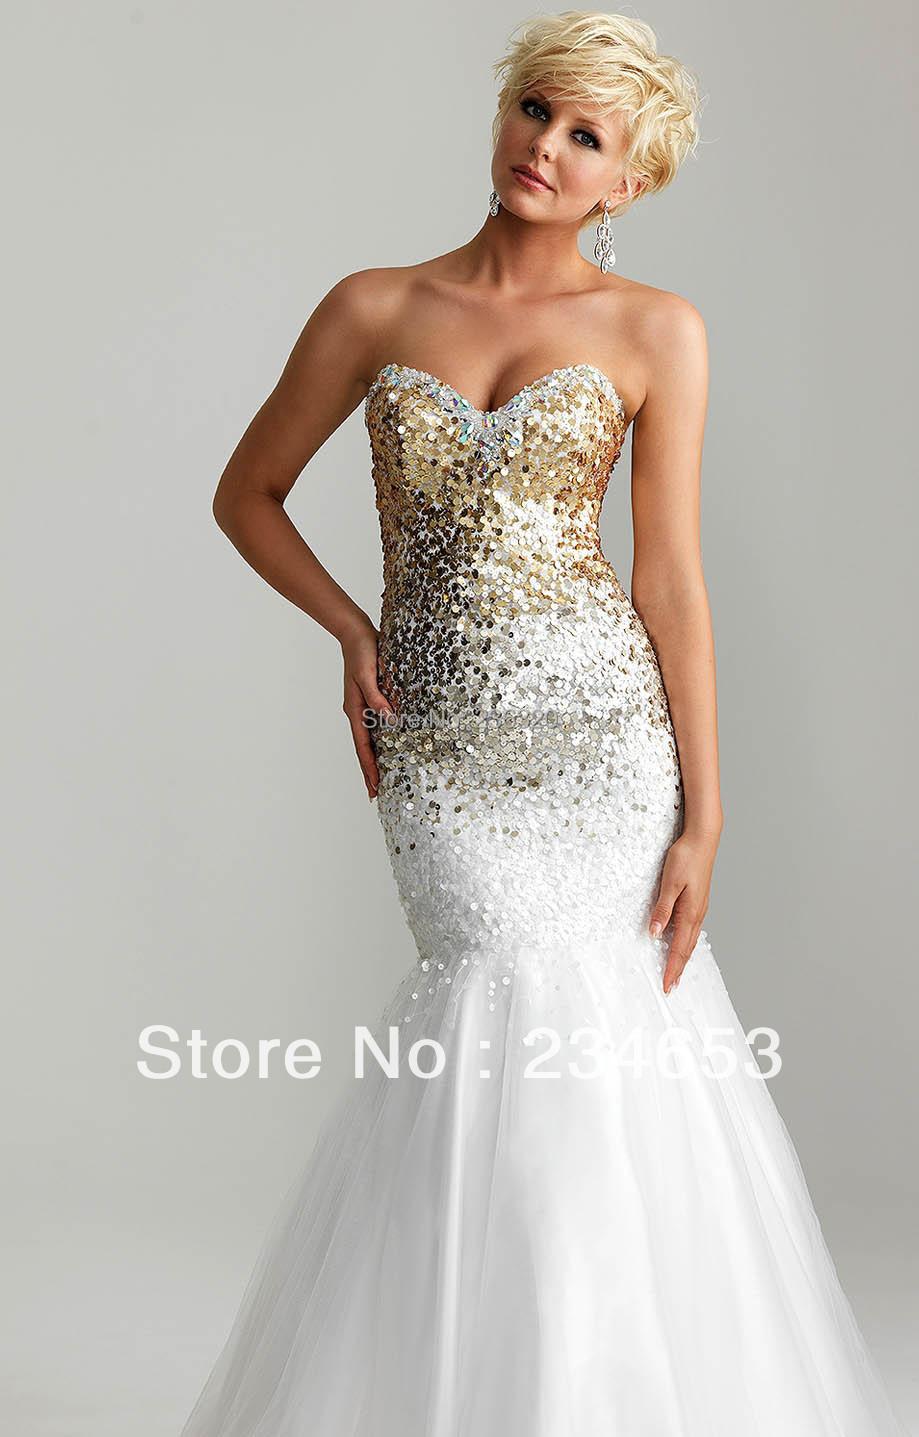 White Gold Sequins Tulle Mermaid Prom Dresses Zipper Back ...